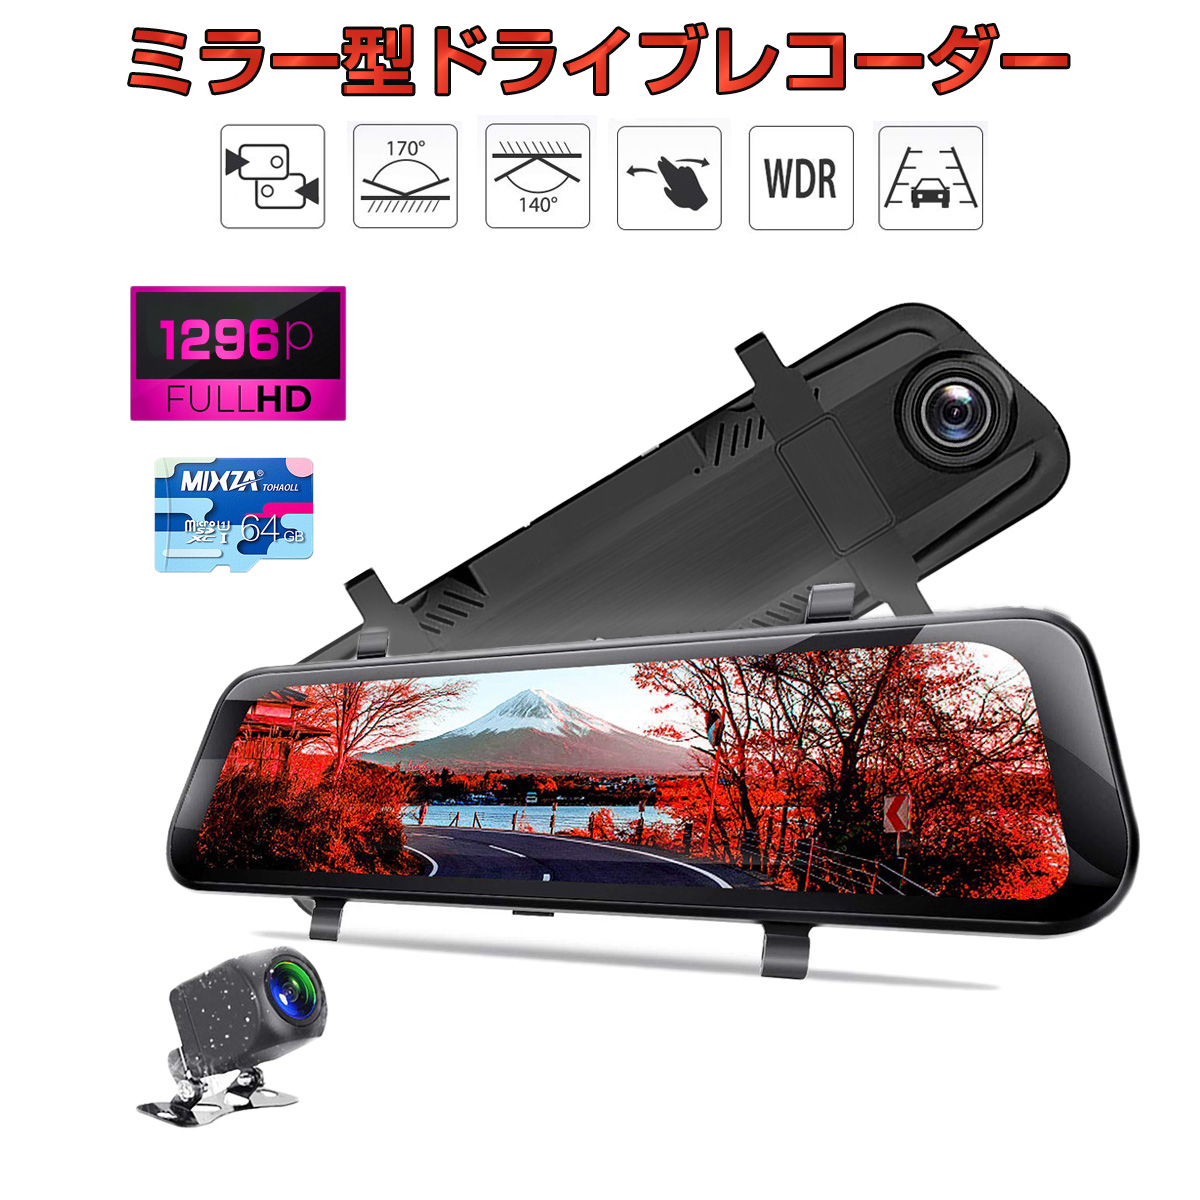 ソニー製6層光学ガラスレンズ 最新WDR技術採用 大画面10インチLCD液晶のフルタッチパネル 通常のルームミラーより5倍の視界 Gセンサー搭載 駐車の補助 SSL SUBARU ヴィヴィオ 2020年モデル ドライブレコーダー 前後カメラ バックカメラ あおり運転対策 1080p 2K 超定番 SDカード64GB同梱モデル 200万画素 170度広角 6ヶ月保証 10インチ 超人気 タッチパネル FHD ミラー型